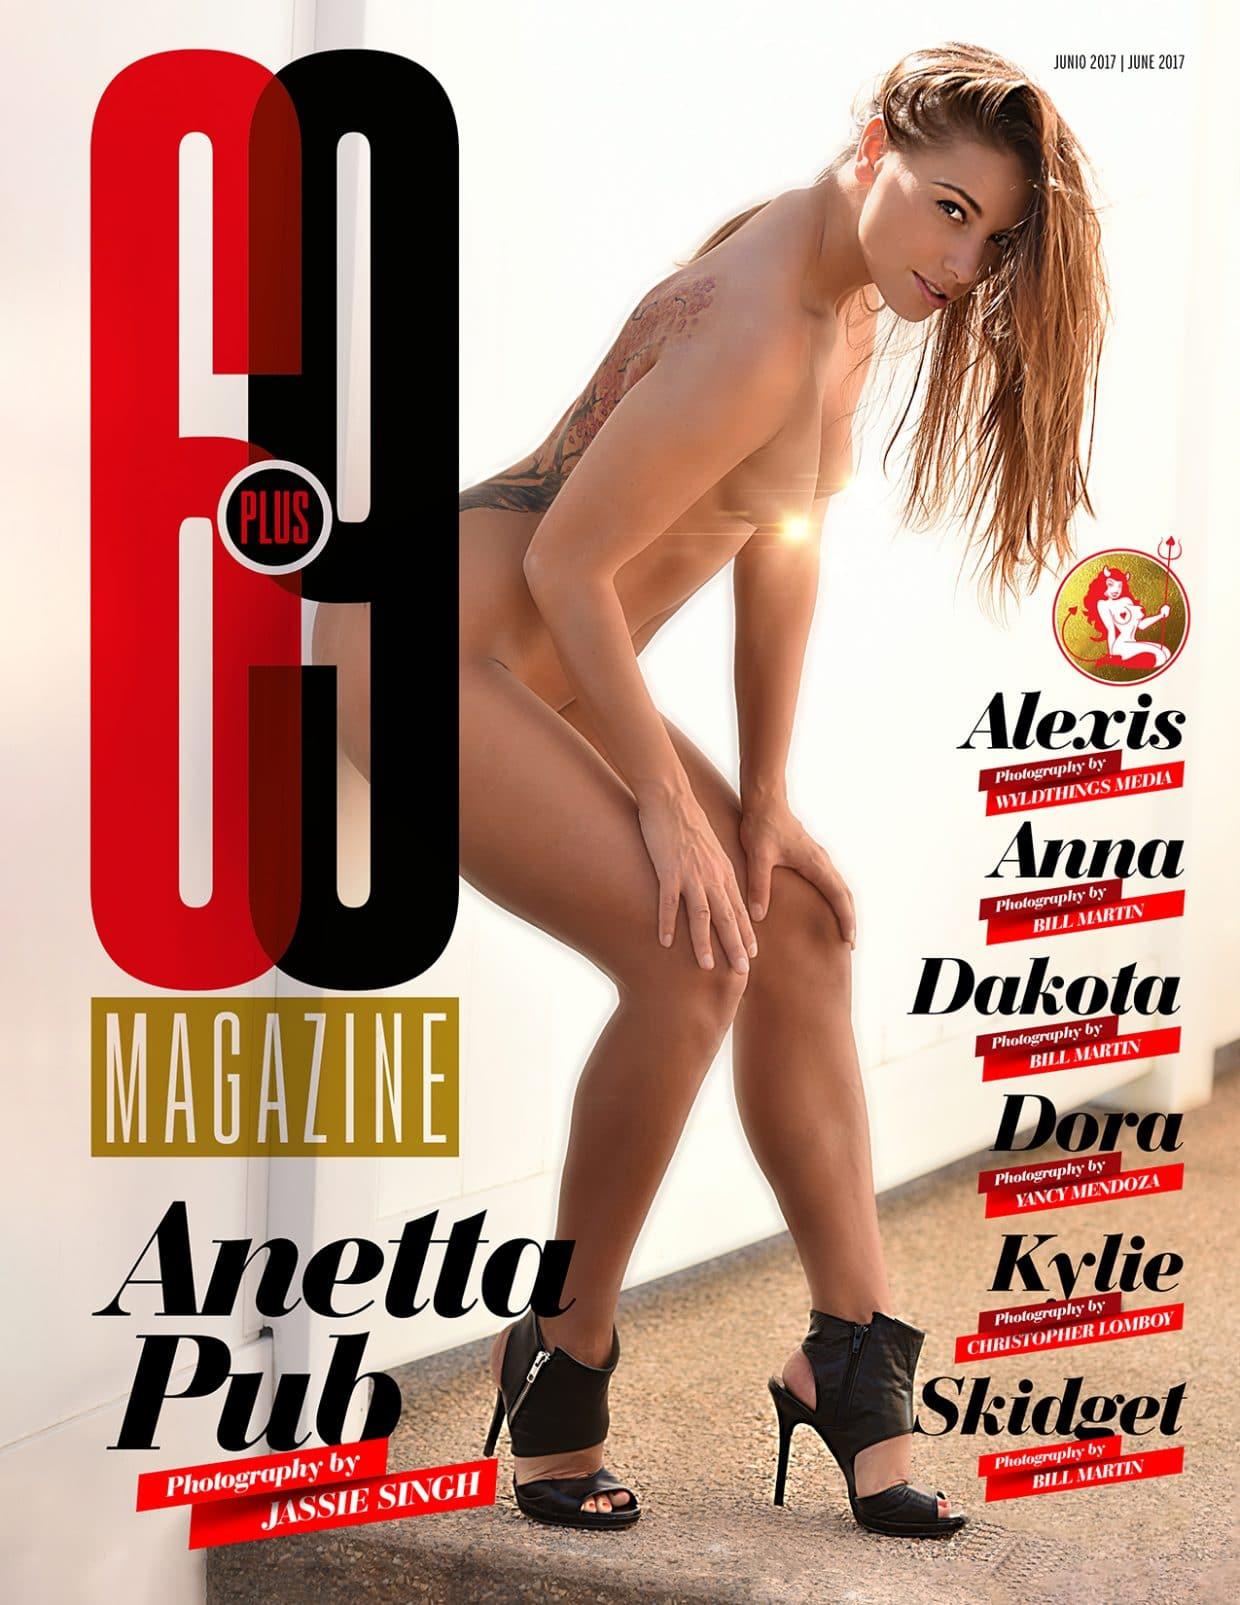 69 Plus Magazine - June 2017 1